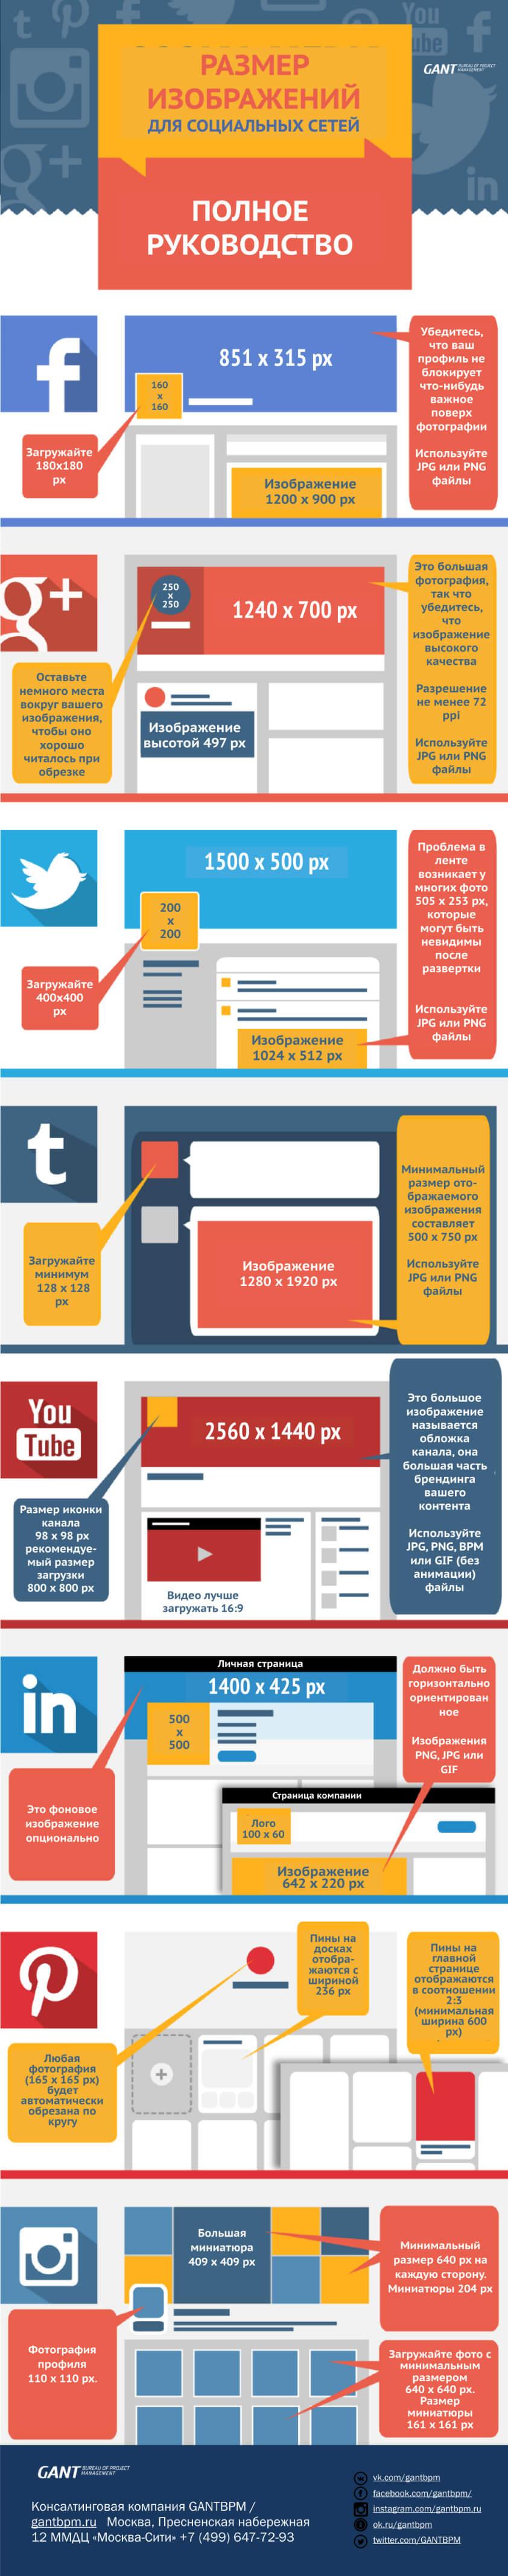 Размер картинок для всех социальных сетей. #Инфографика.